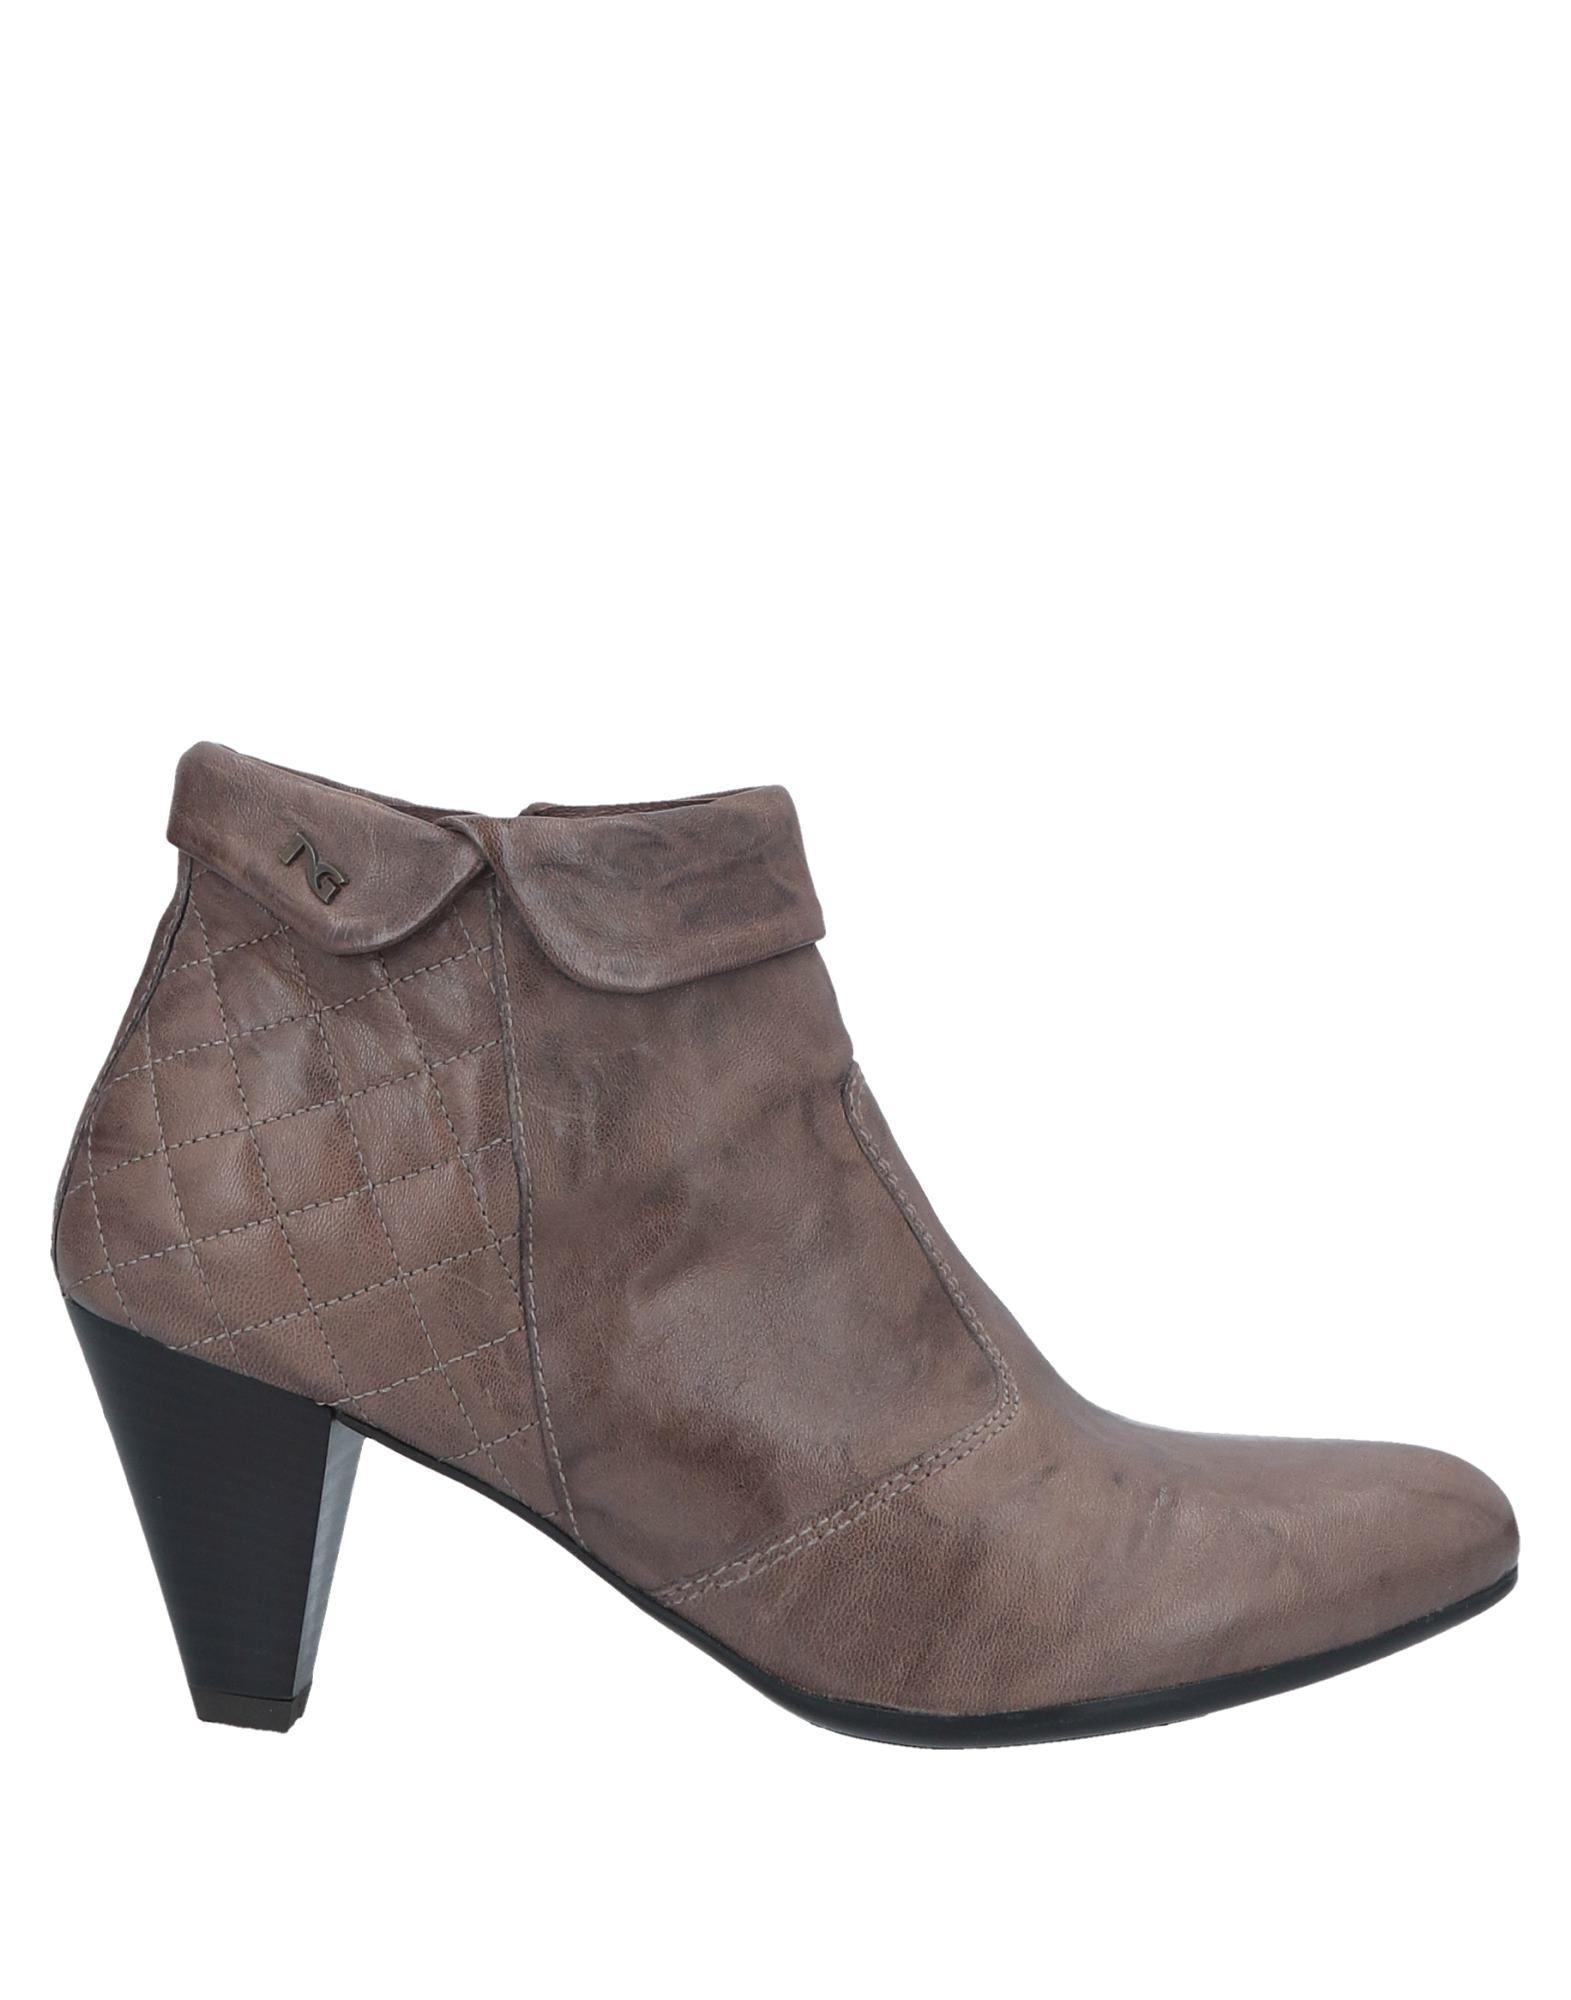 NERO GIARDINI Полусапоги и высокие ботинки nero giardini полусапоги и высокие ботинки